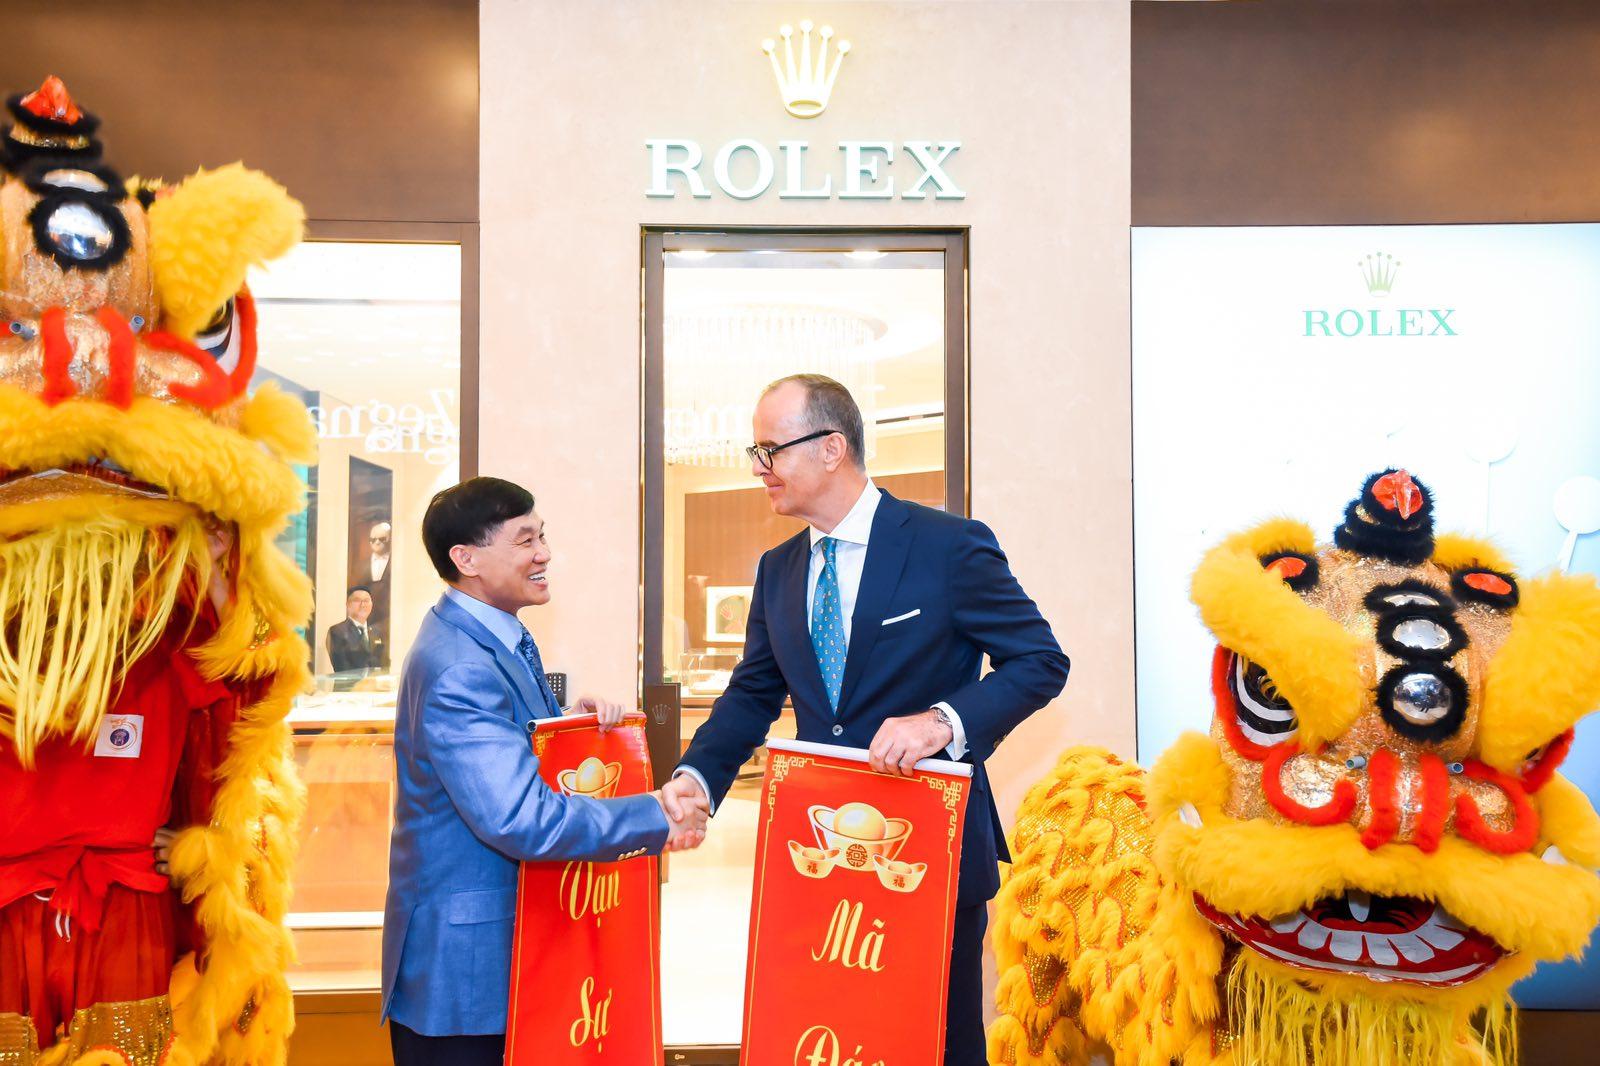 Ông Johnathan Hạnh Nguyễn bắt tay cùng ông Chris Gisi – CEO của Rolex khu vực Đông Nam Á sau nghi thức múa lân mừng khai trương.